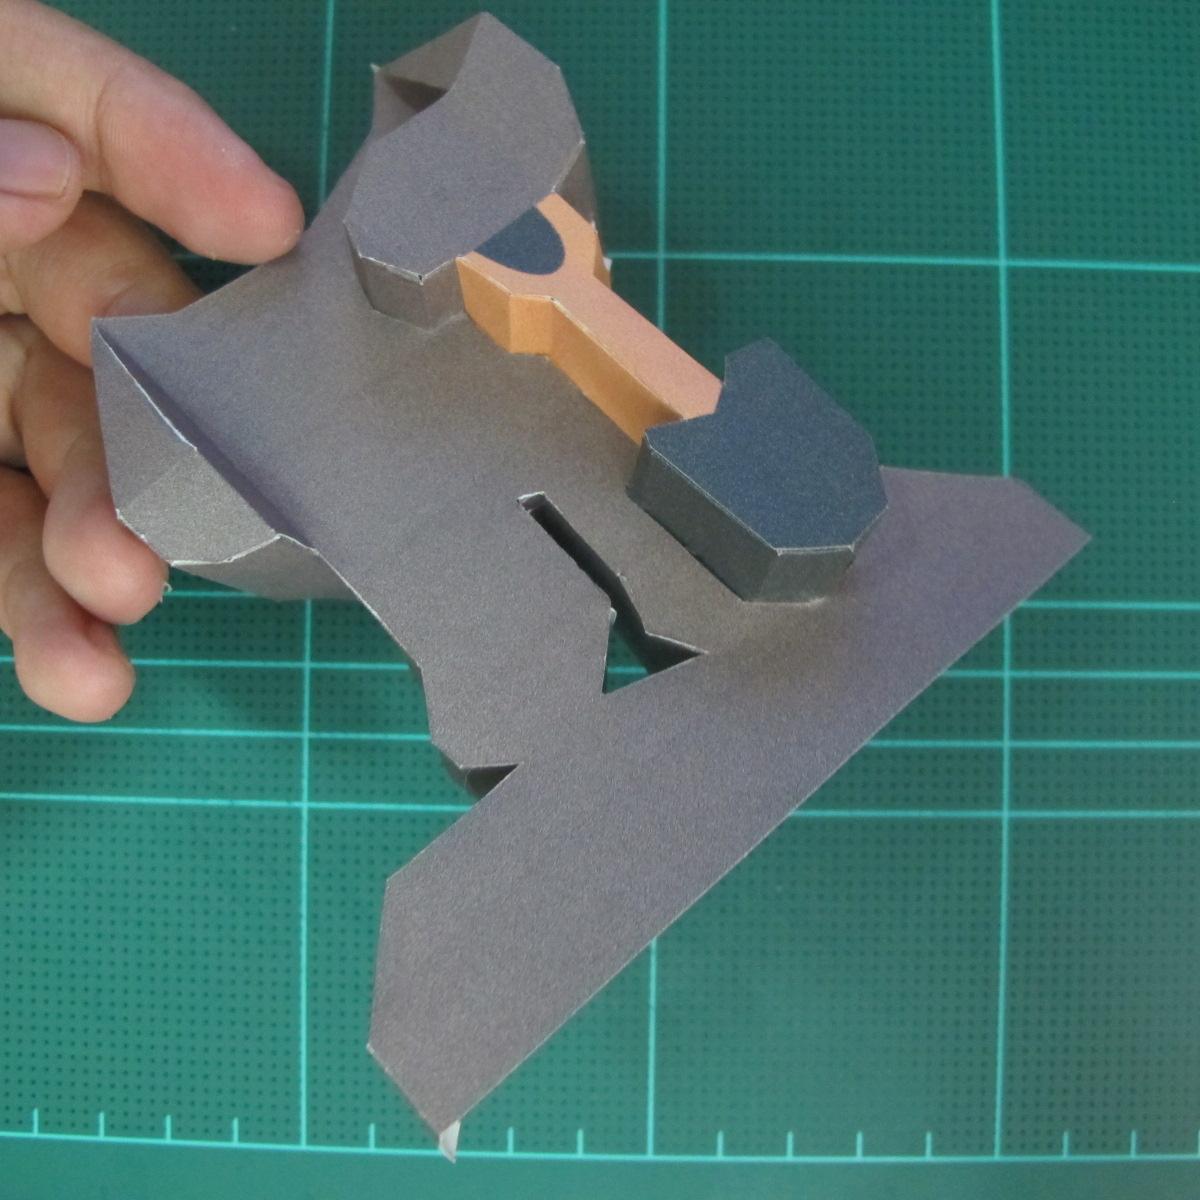 วิธีทำโมเดลกระดาษ ตุ้กตาไลน์ หมีบราวน์ ถือพลั่ว (Line Brown Bear With Shovel Papercraft Model -「シャベル」と「ブラウン」) 015